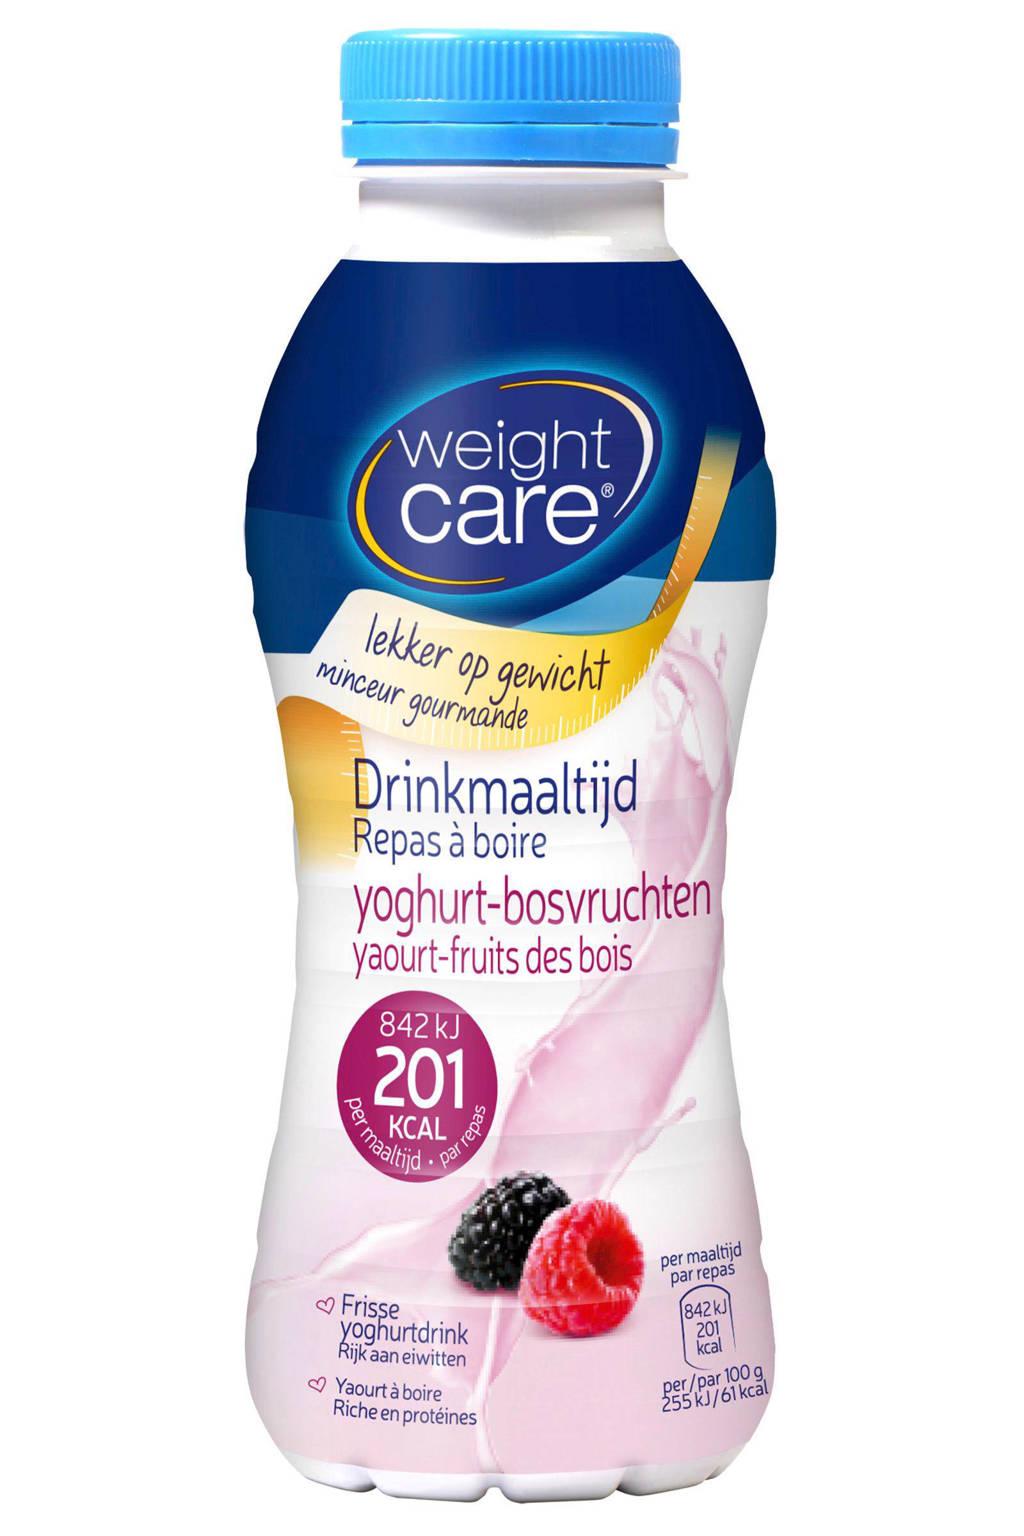 Weight Care drinkmaaltijd yoghurt-bosvruchten - 1 stuk